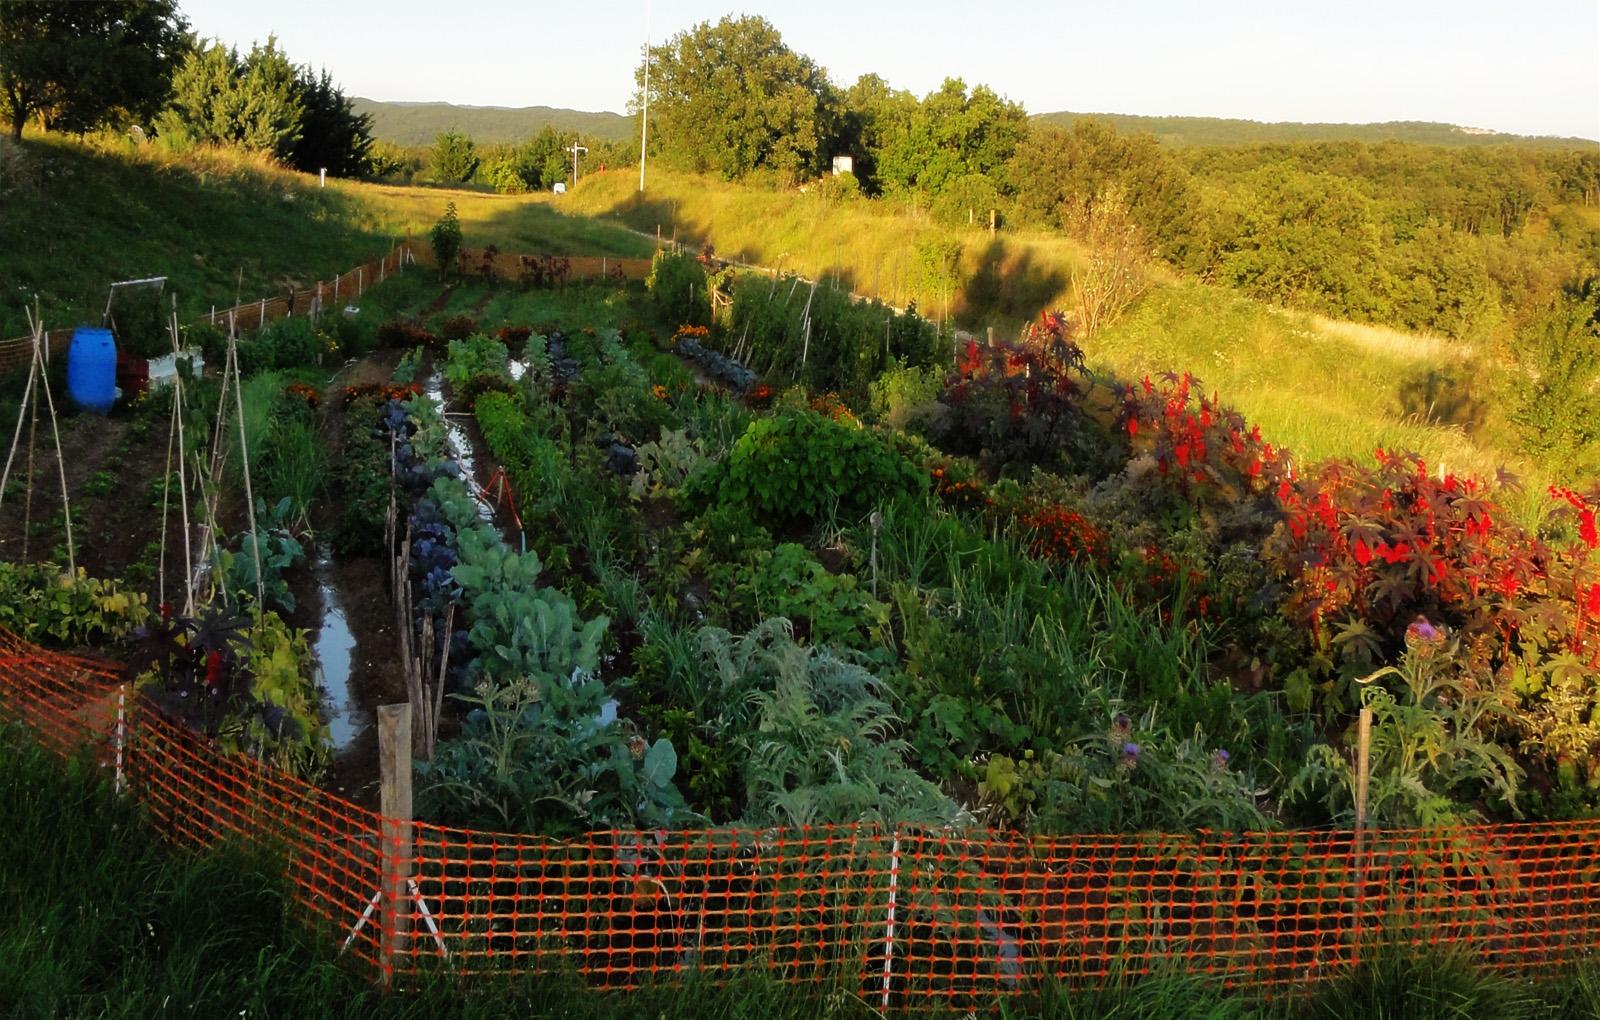 Tyrannie en france contre les ehs lectro hypersensible for Le jardin potager bio